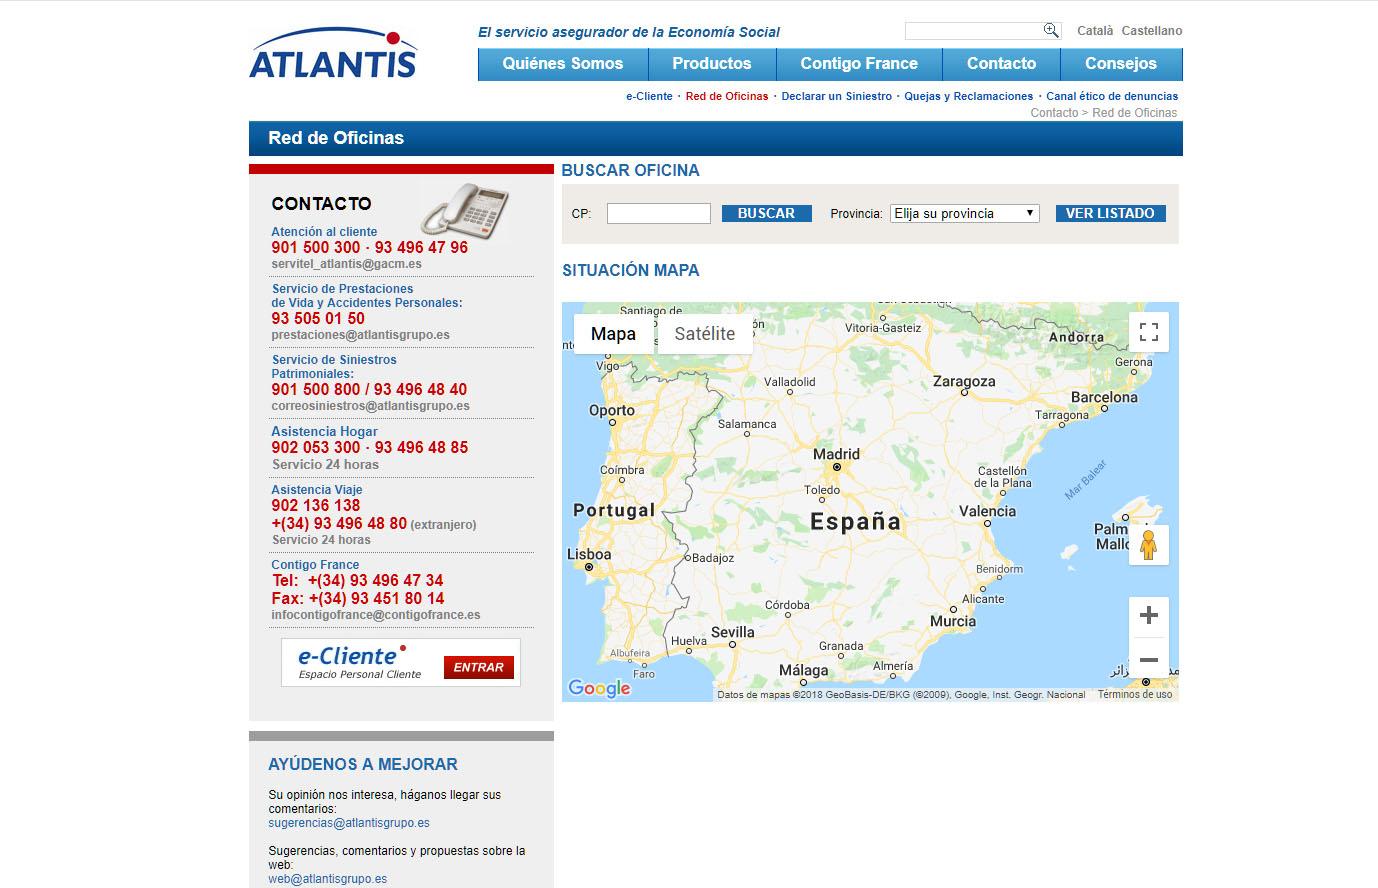 ATLANTIS SEGUROS CONTACTO Y TELEFONOS